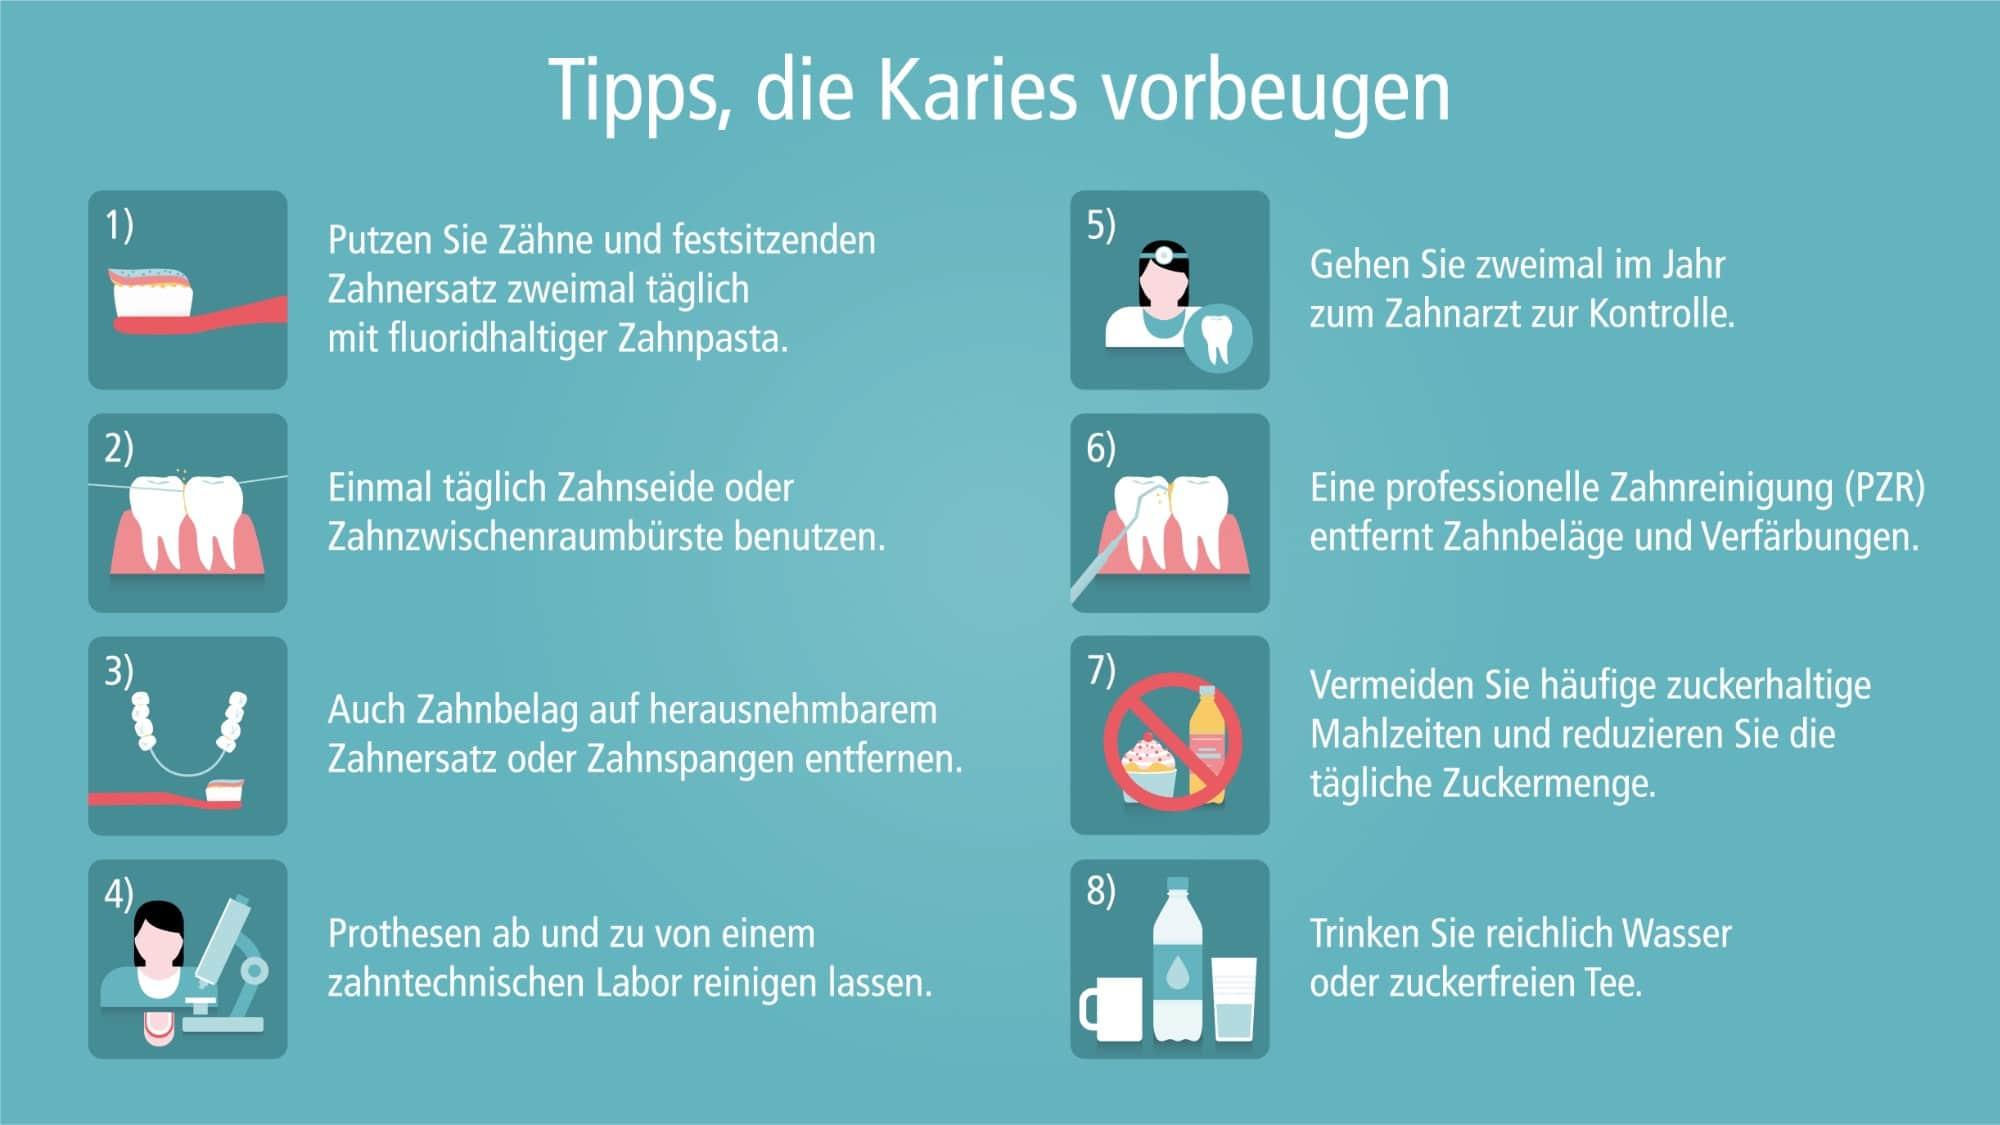 Diese Tipps helfen, Karies vorzubeugen.